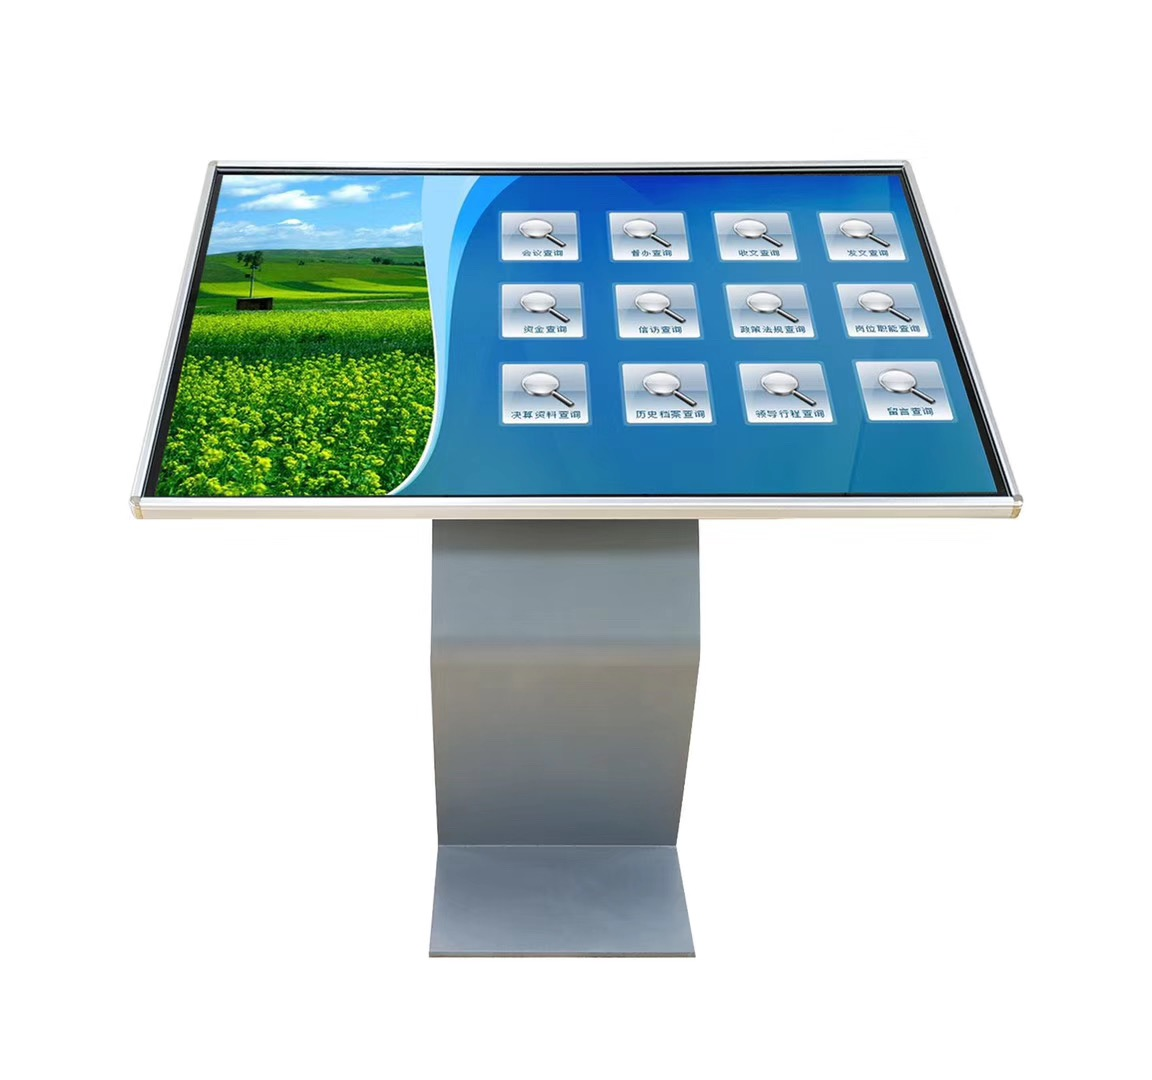 HT-SX01系列商显触摸屏一体机